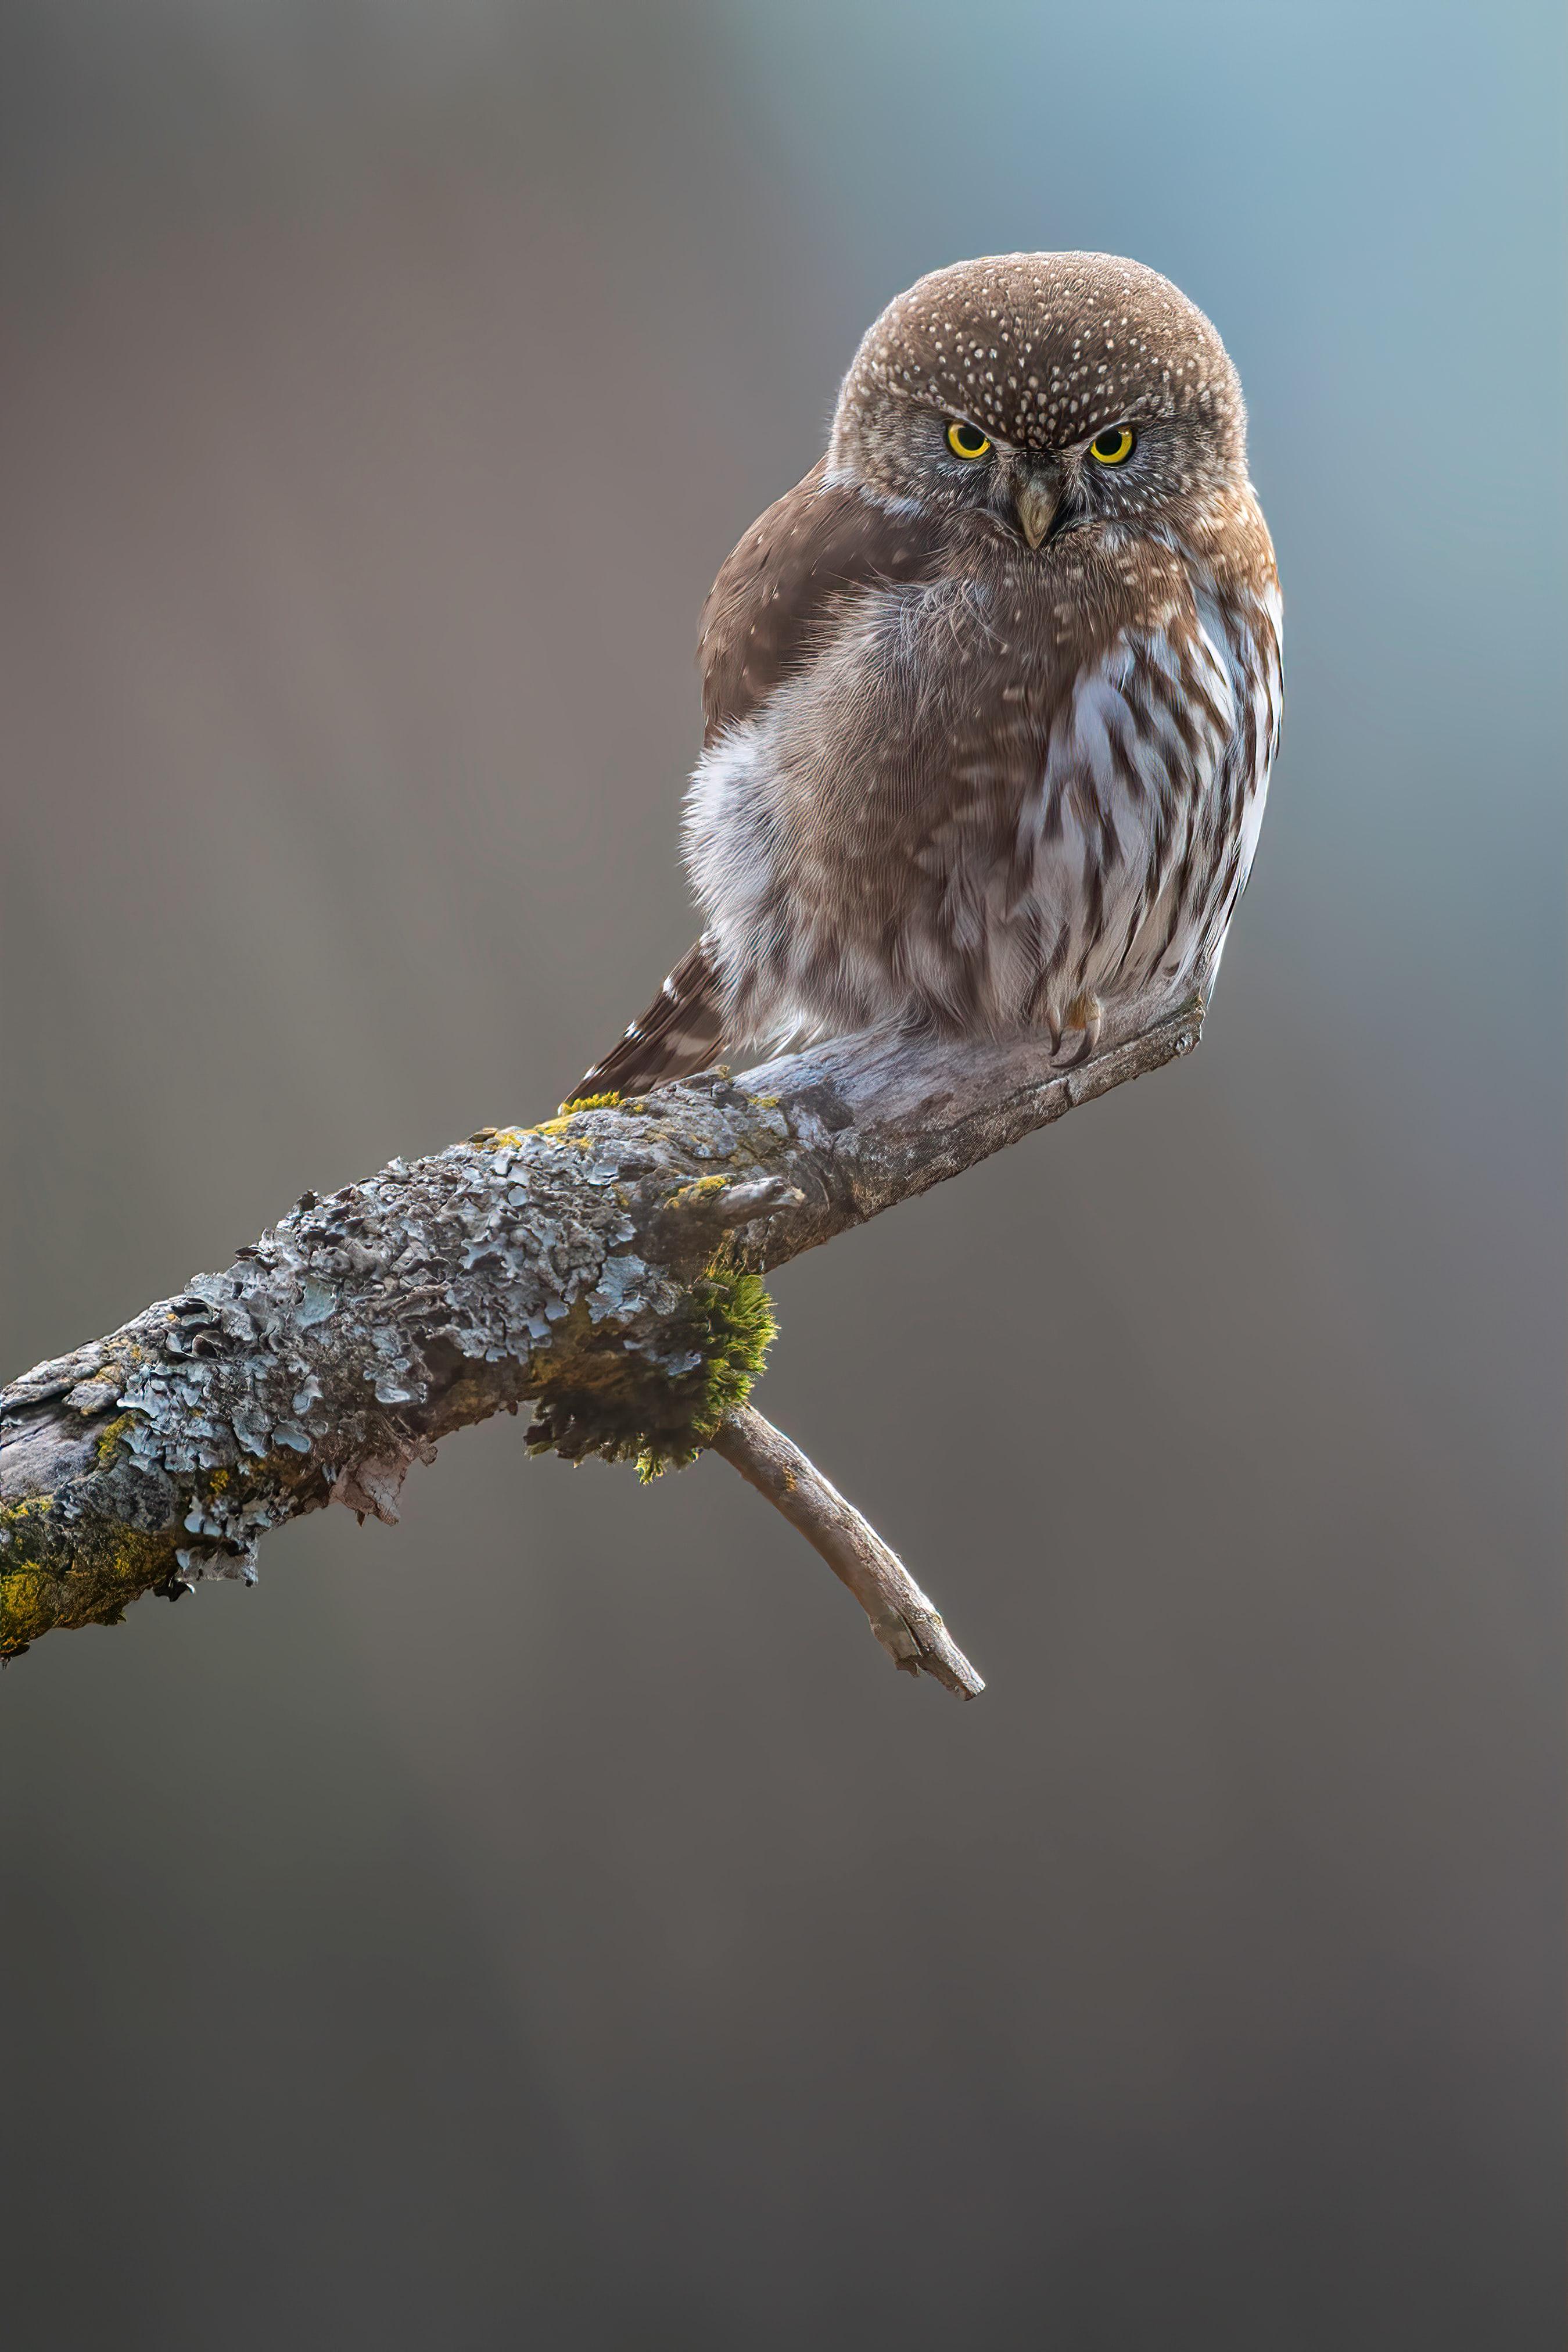 124779 Hintergrundbild herunterladen Eule, Tiere, Feder, Vogel, Schnabel - Bildschirmschoner und Bilder kostenlos